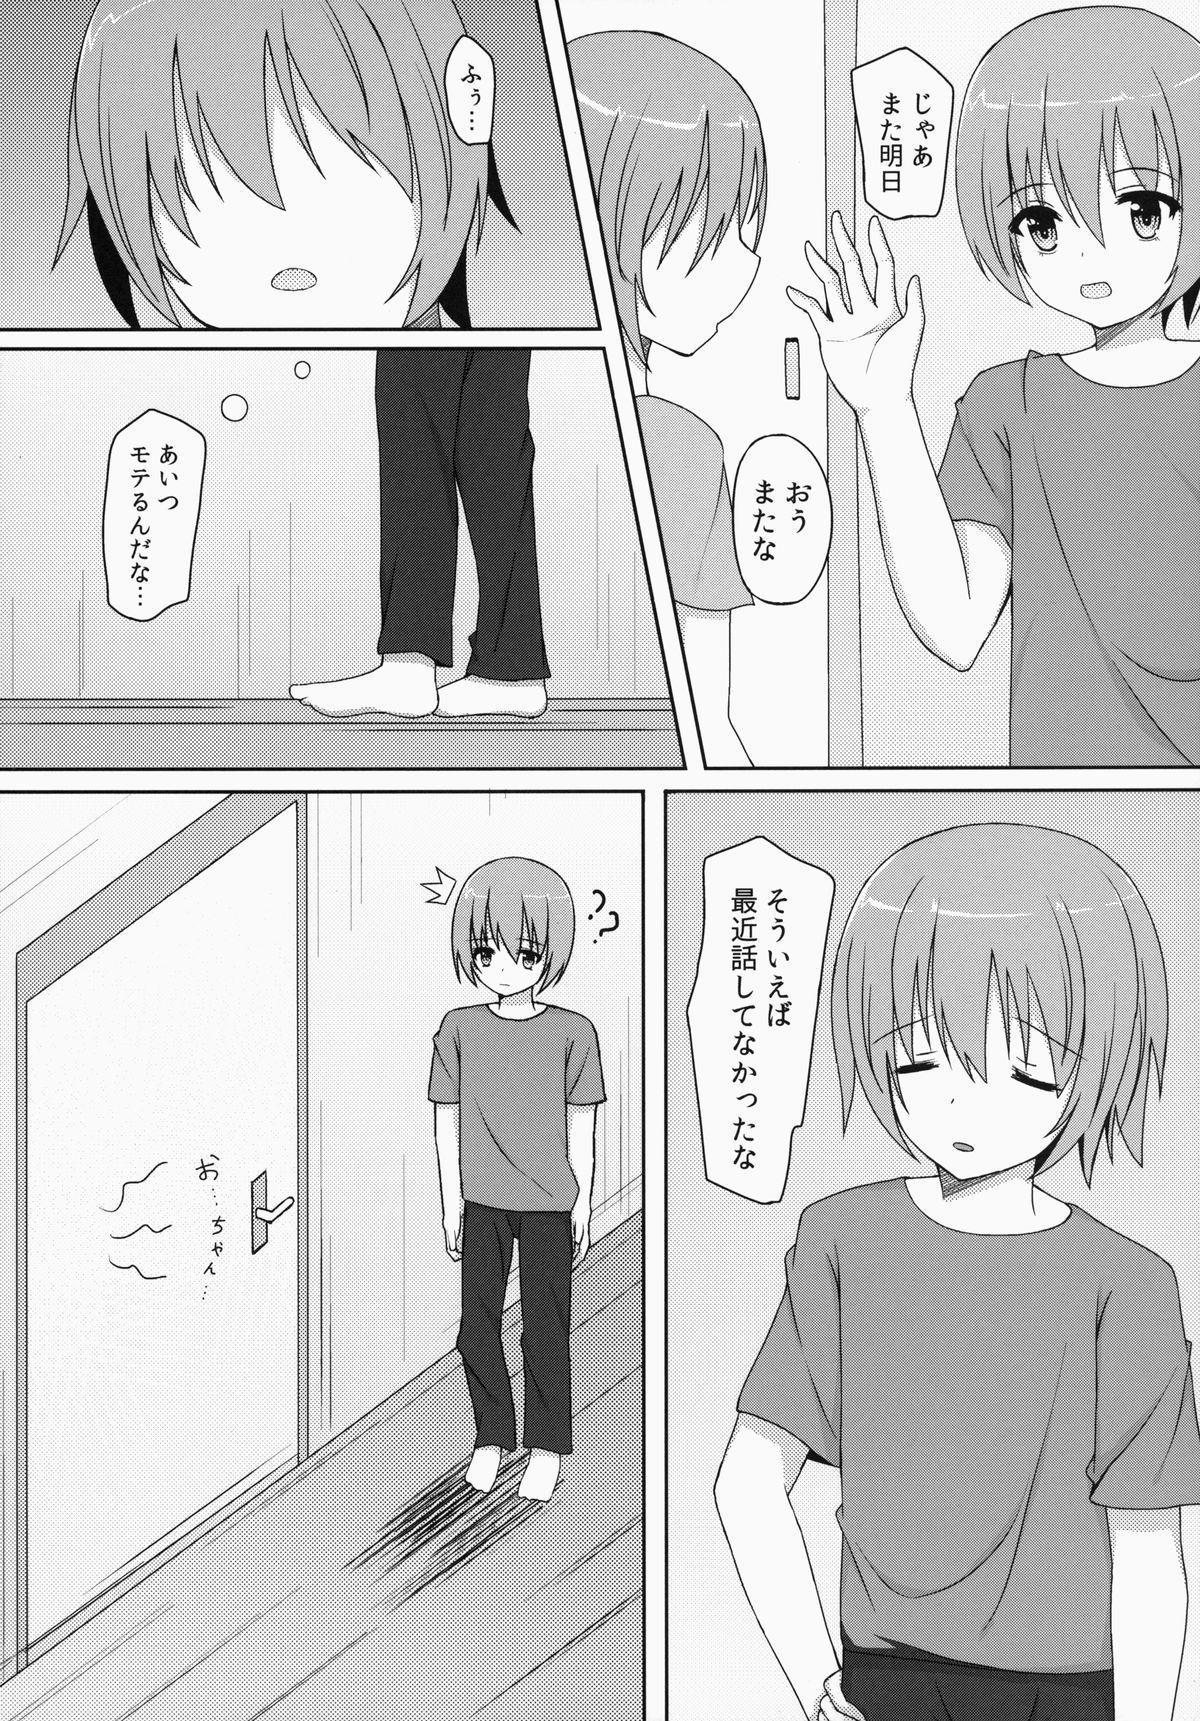 Saikin no Imouto Jijou 4